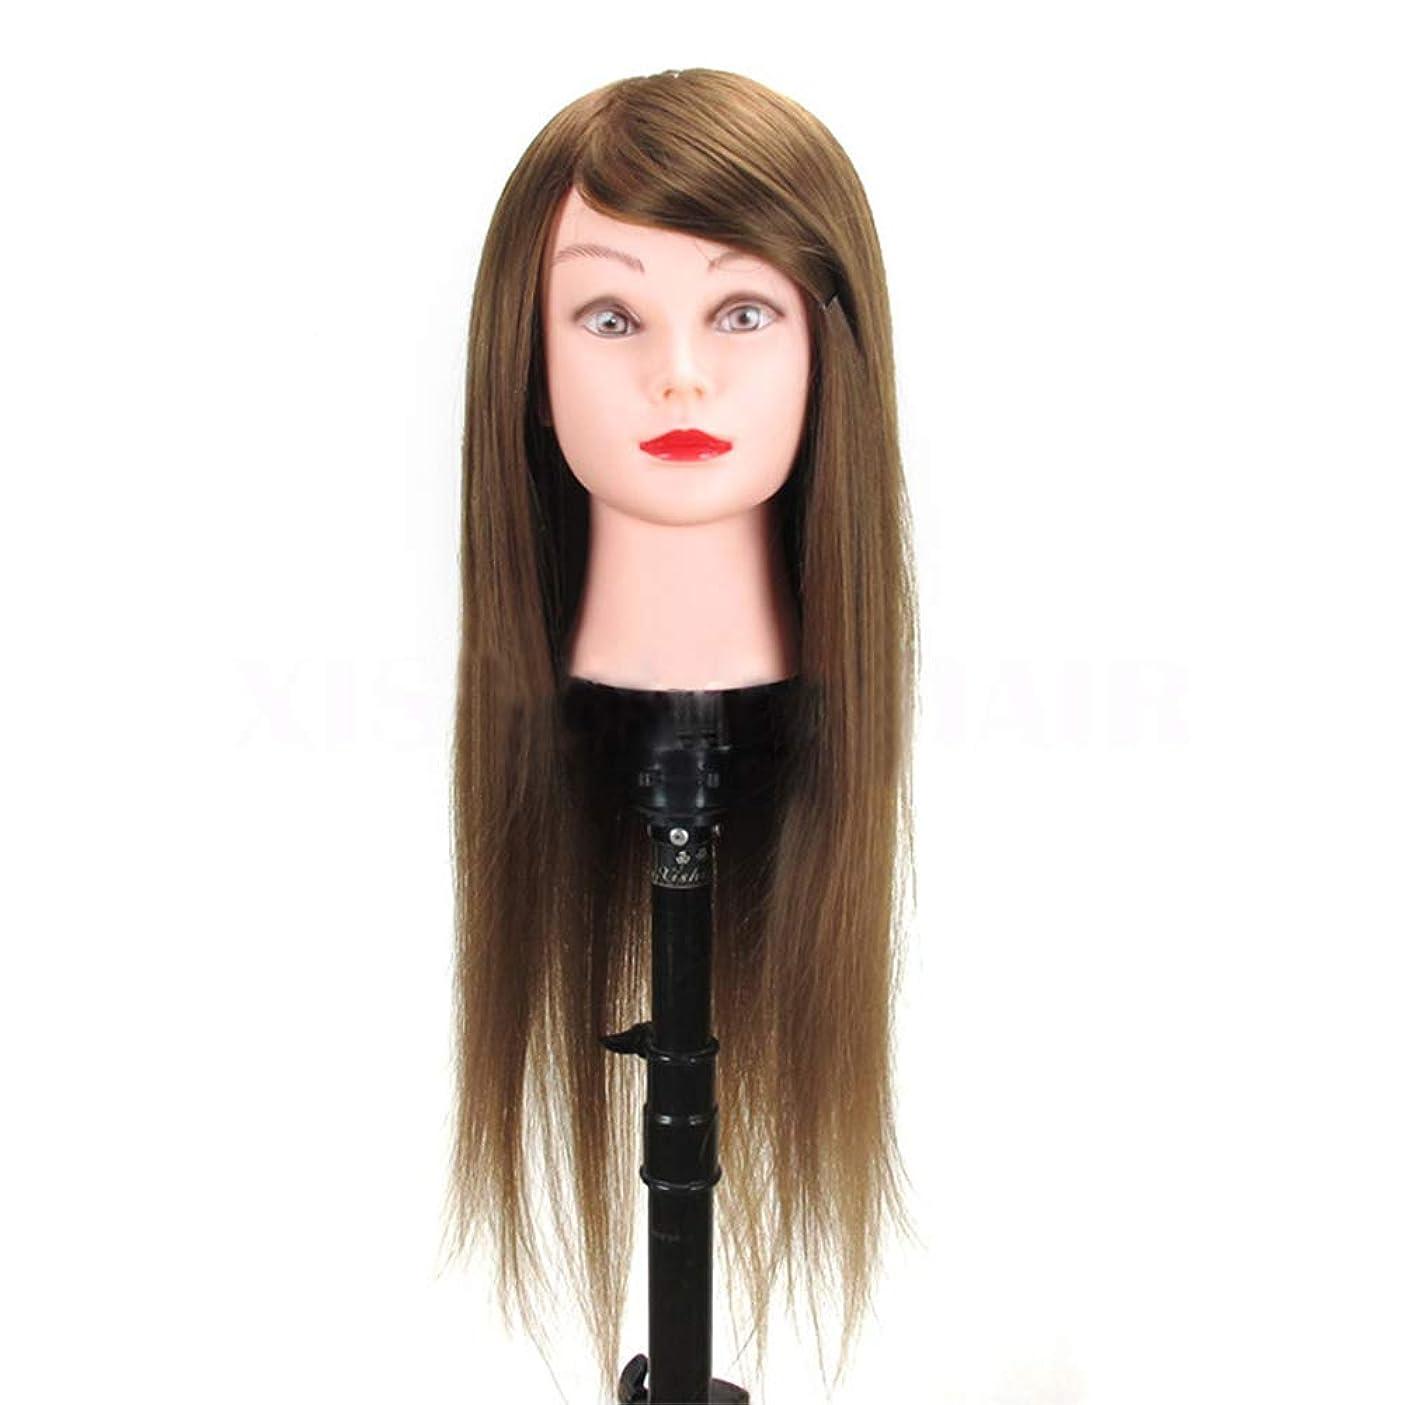 五十阻害する添加高温シルク編組ヘアスタイリングヘッドモデル理髪店理髪ダミーヘッド化粧練習マネキンヘッド